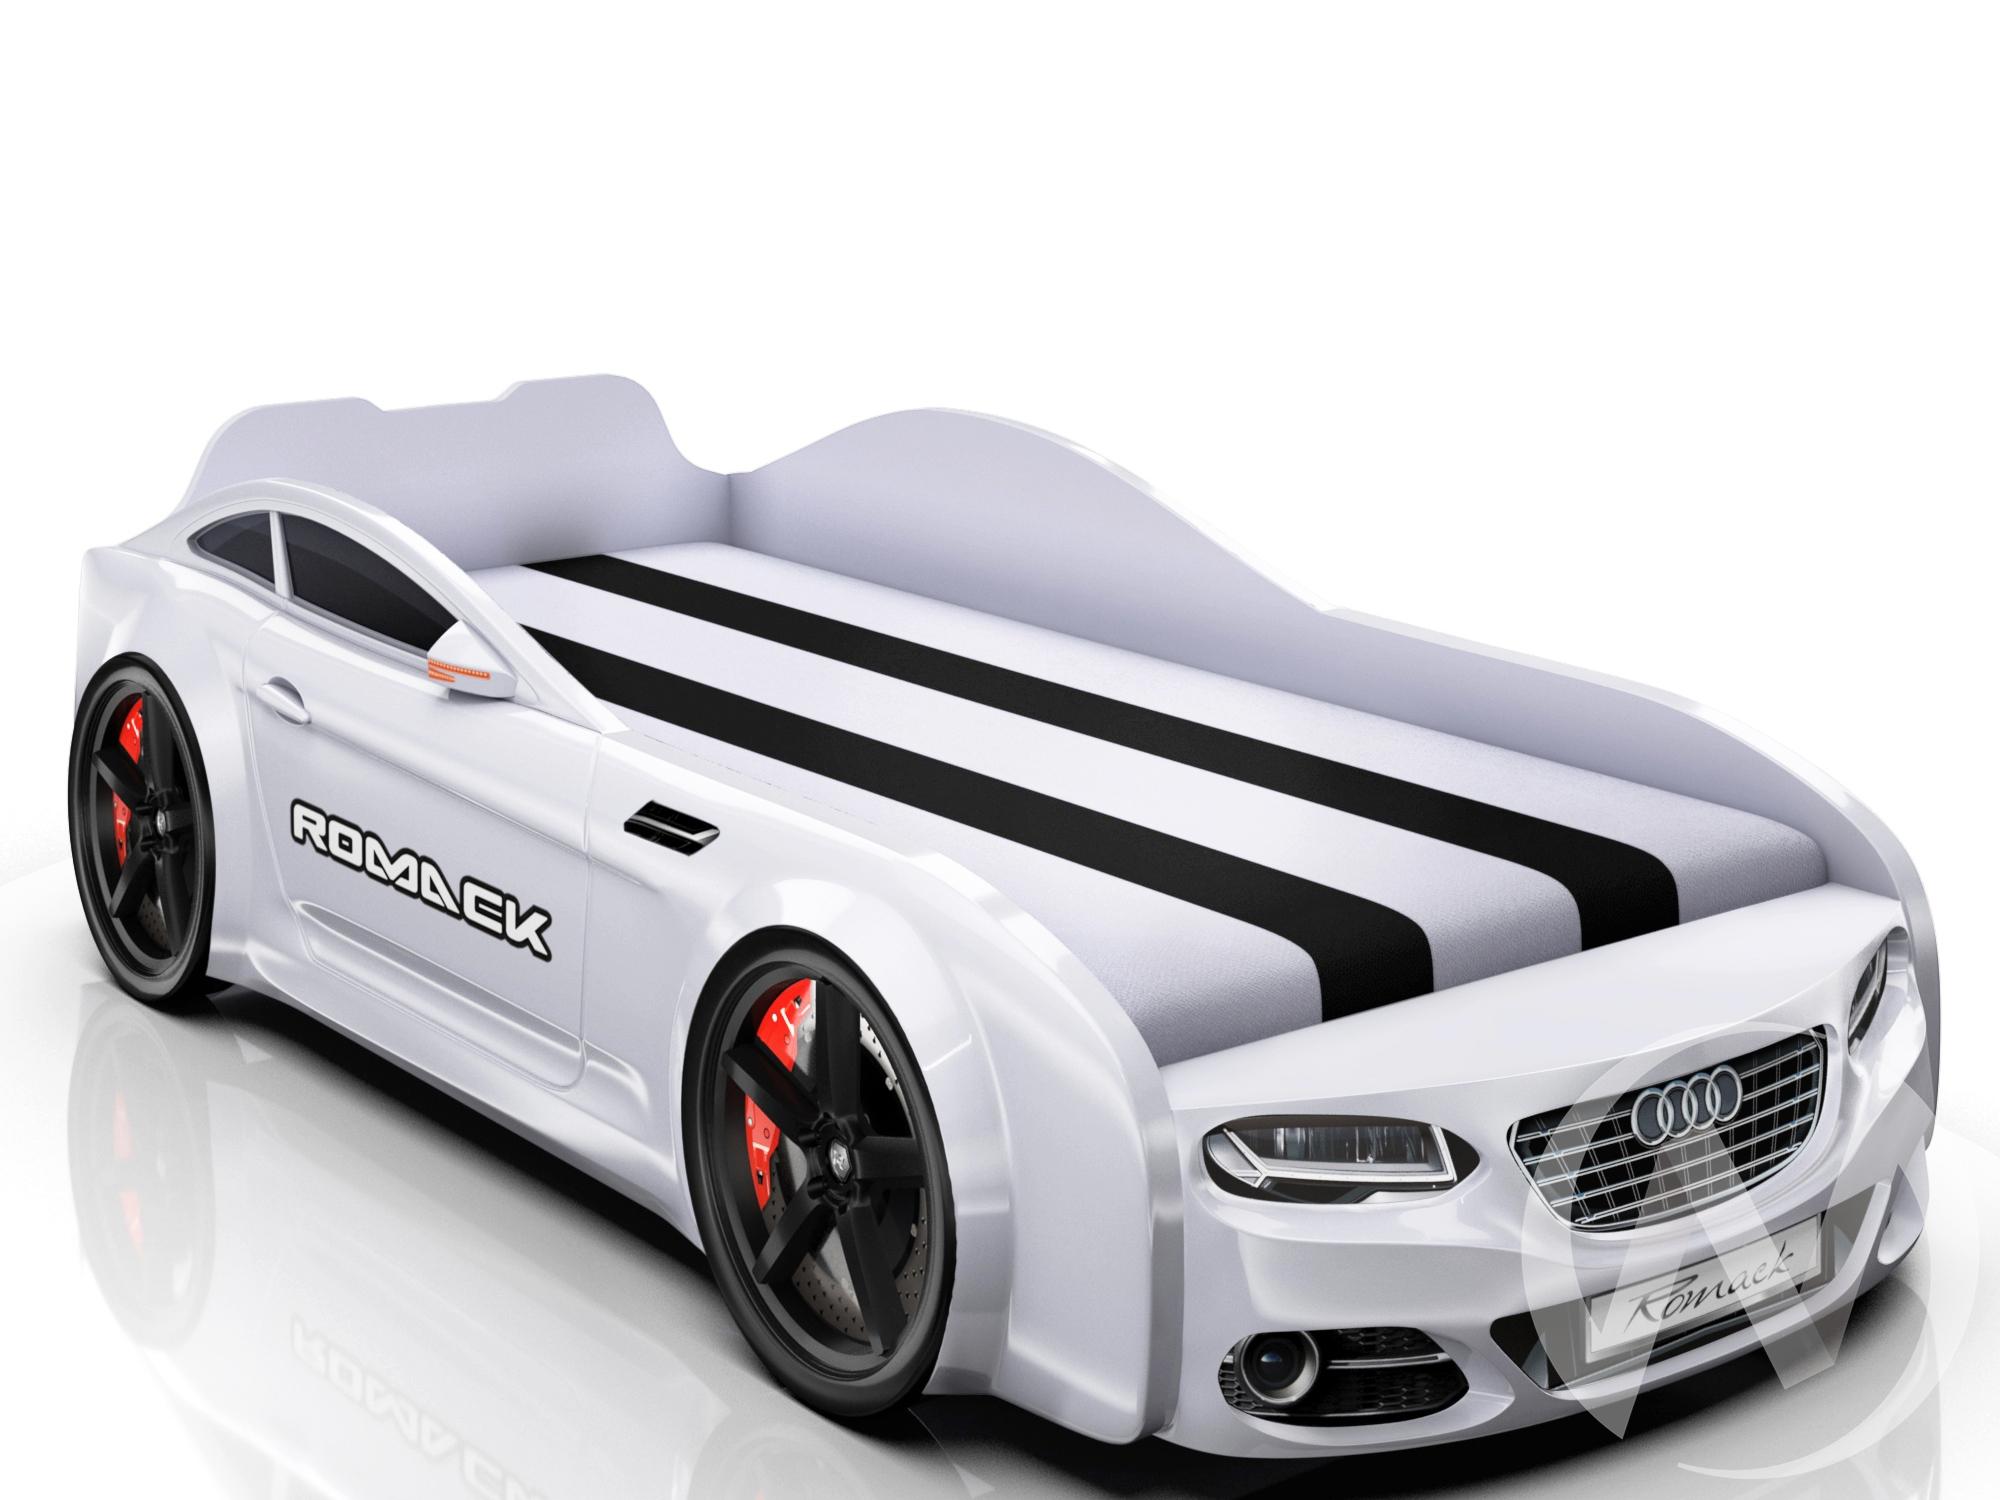 Кровать машинка Real-M с ящиком и фирменными полосками (белая Ауди)  в Томске — интернет магазин МИРА-мебель